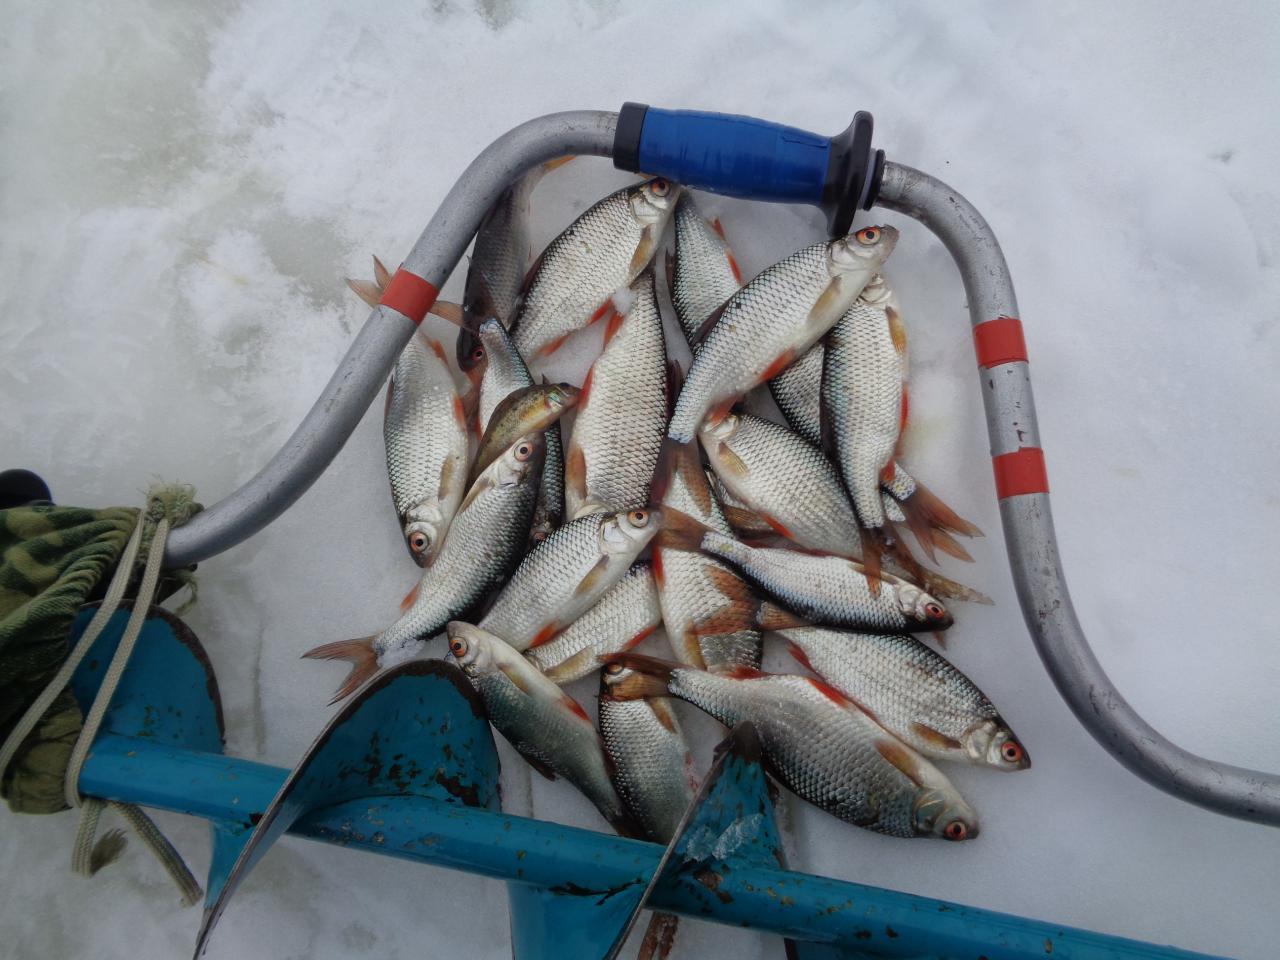 Сегоднярыбачил в районе пляжа с 10-00 до 16-00 ... | Отчеты о рыбалке в Беларуси